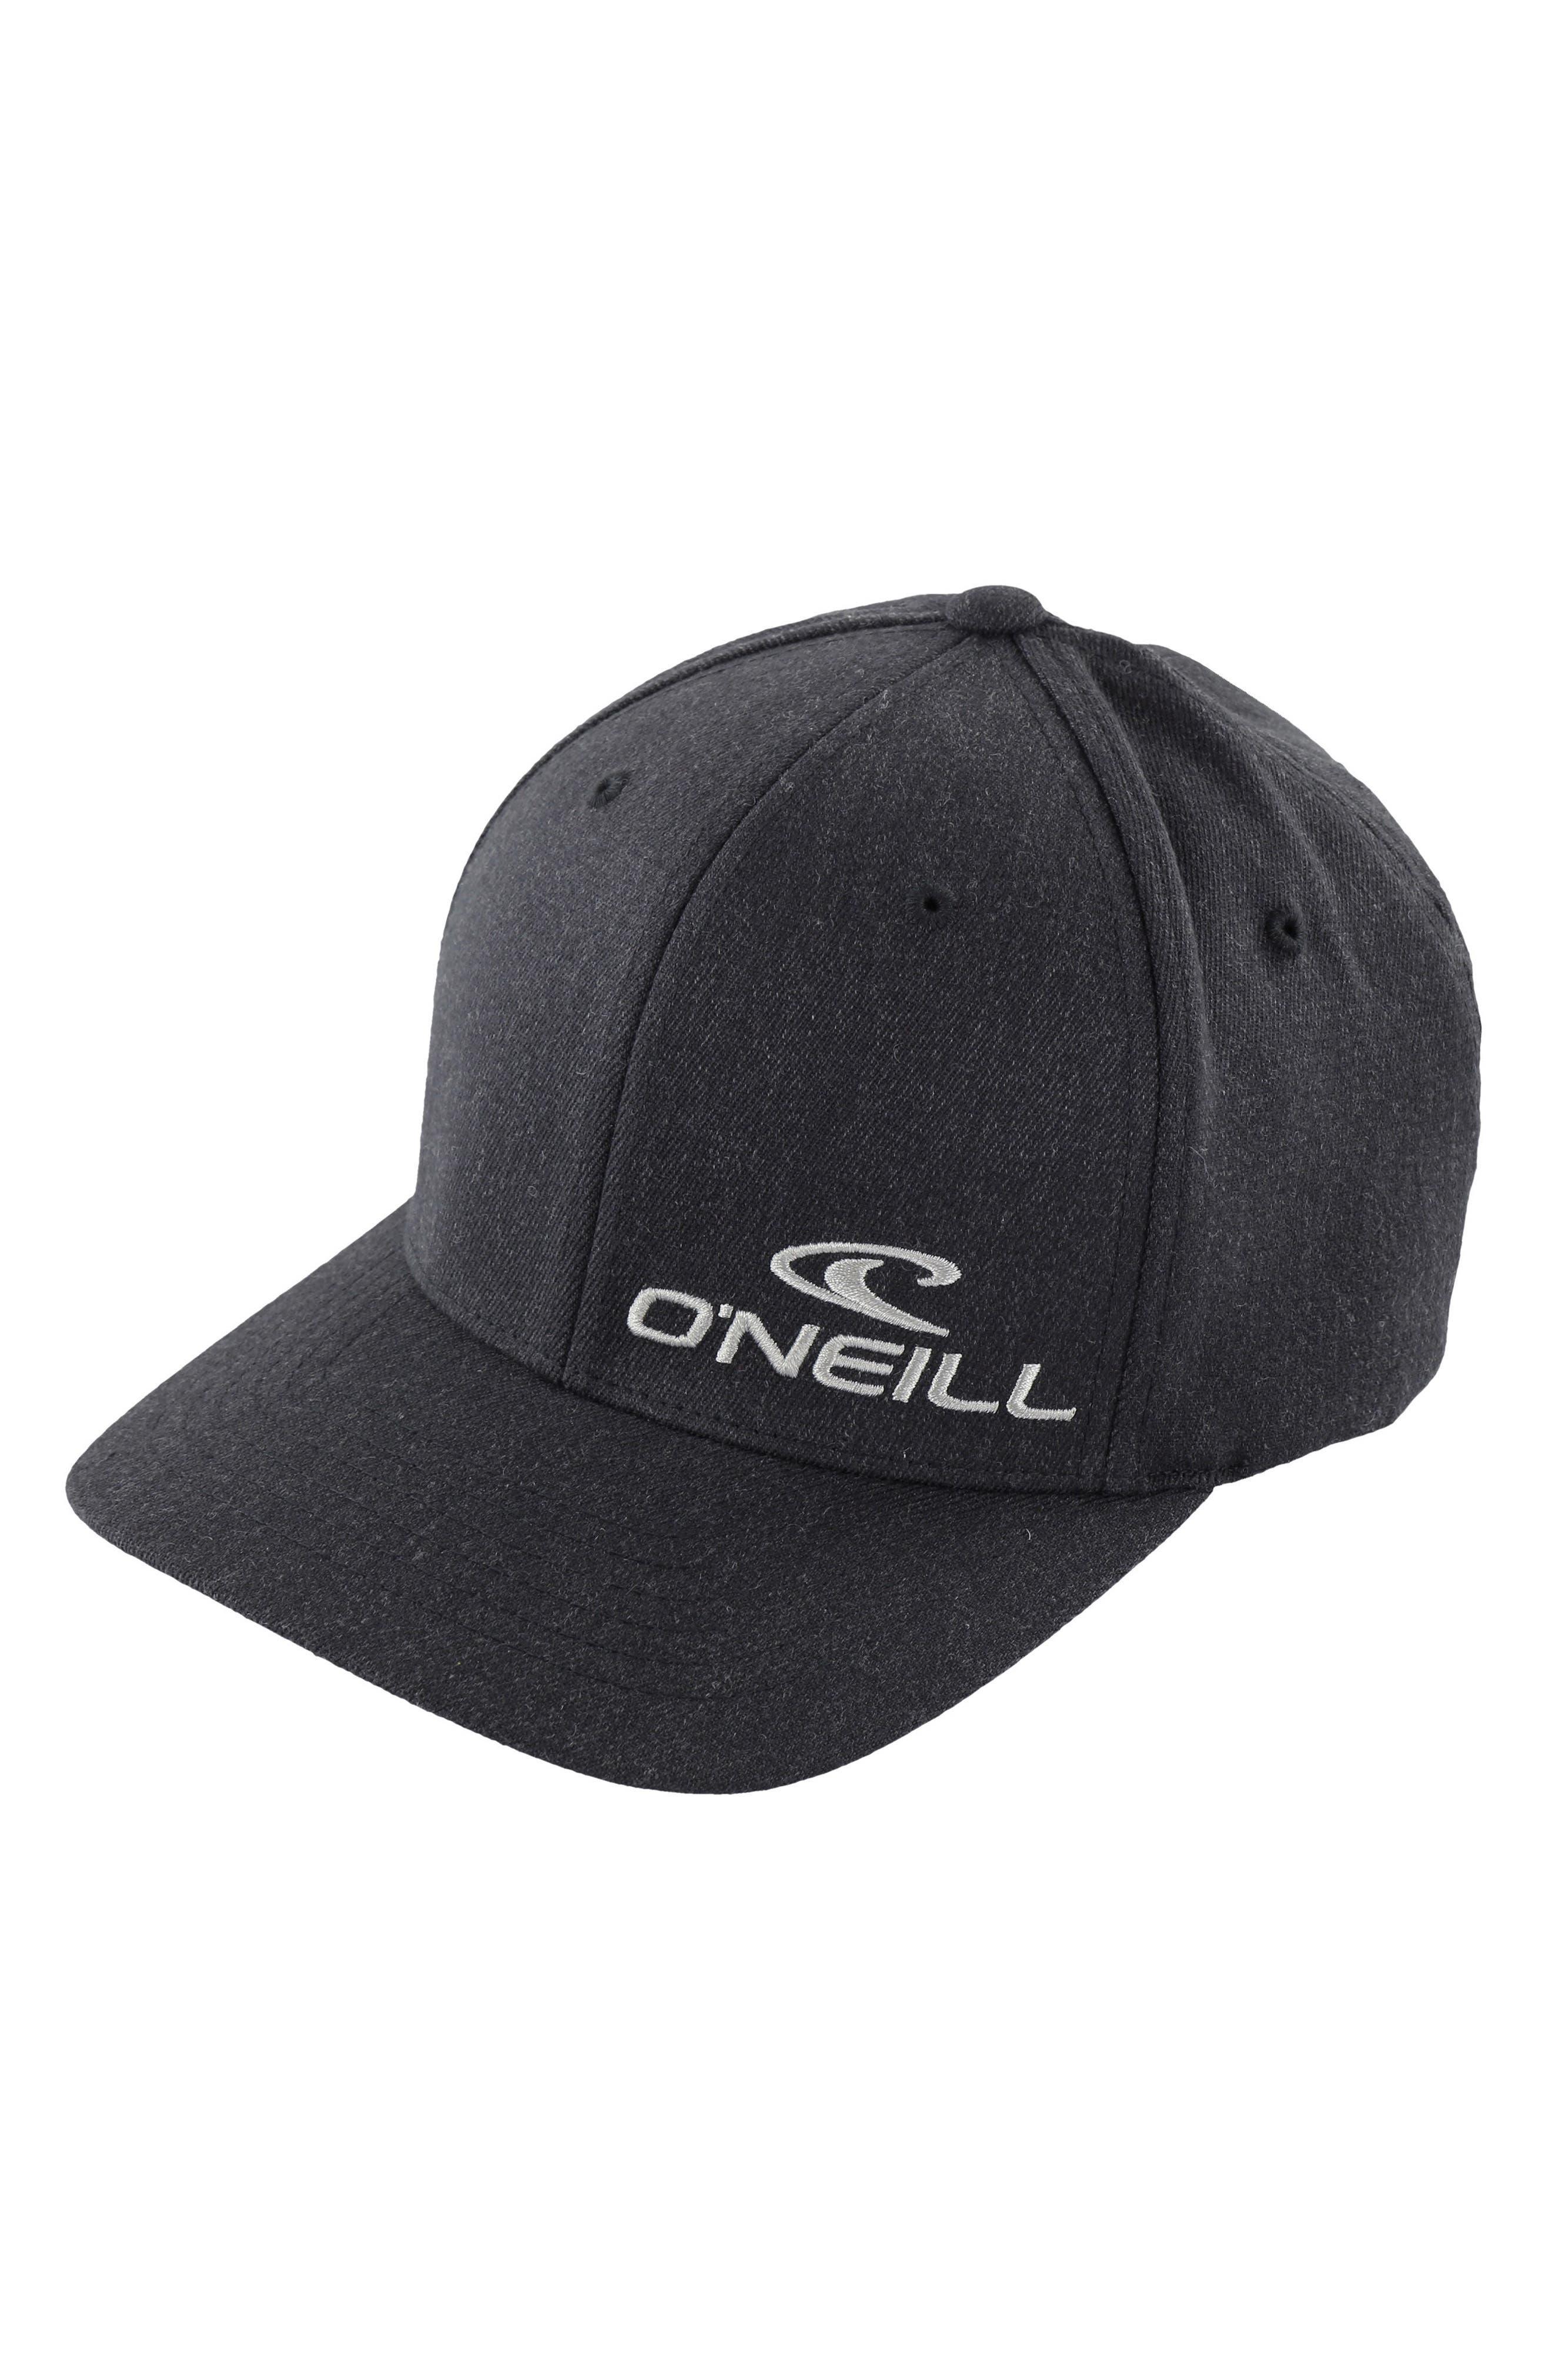 ONEILL Lodown Ball Cap